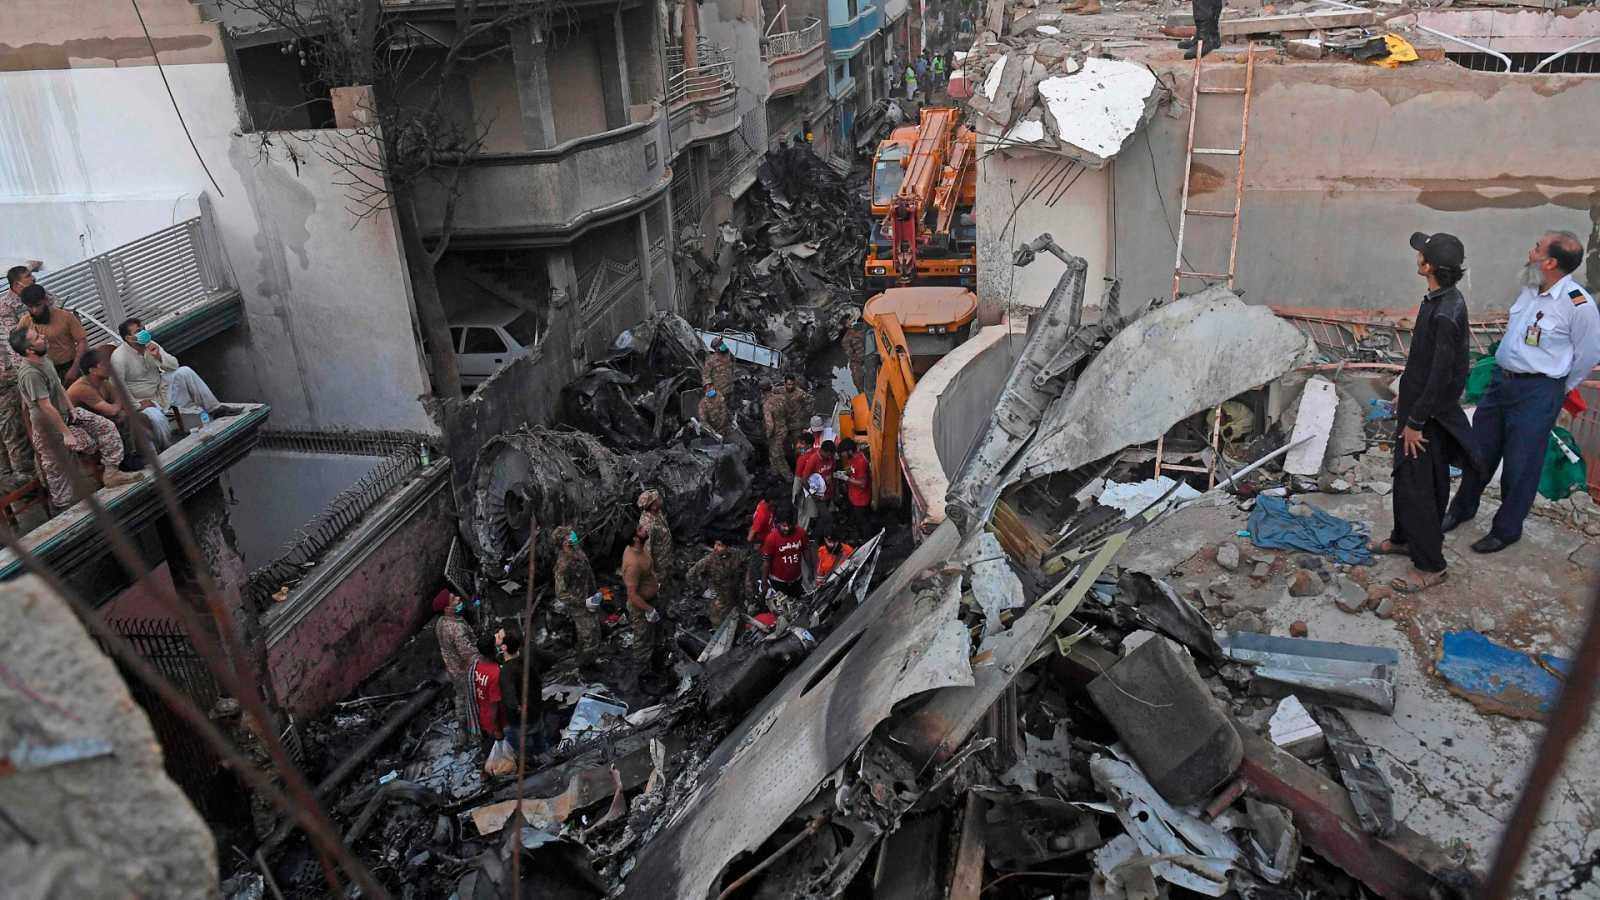 Al menos 97 fallecidos y solo dos supervivientes en un accidente aéreo en Pakistán